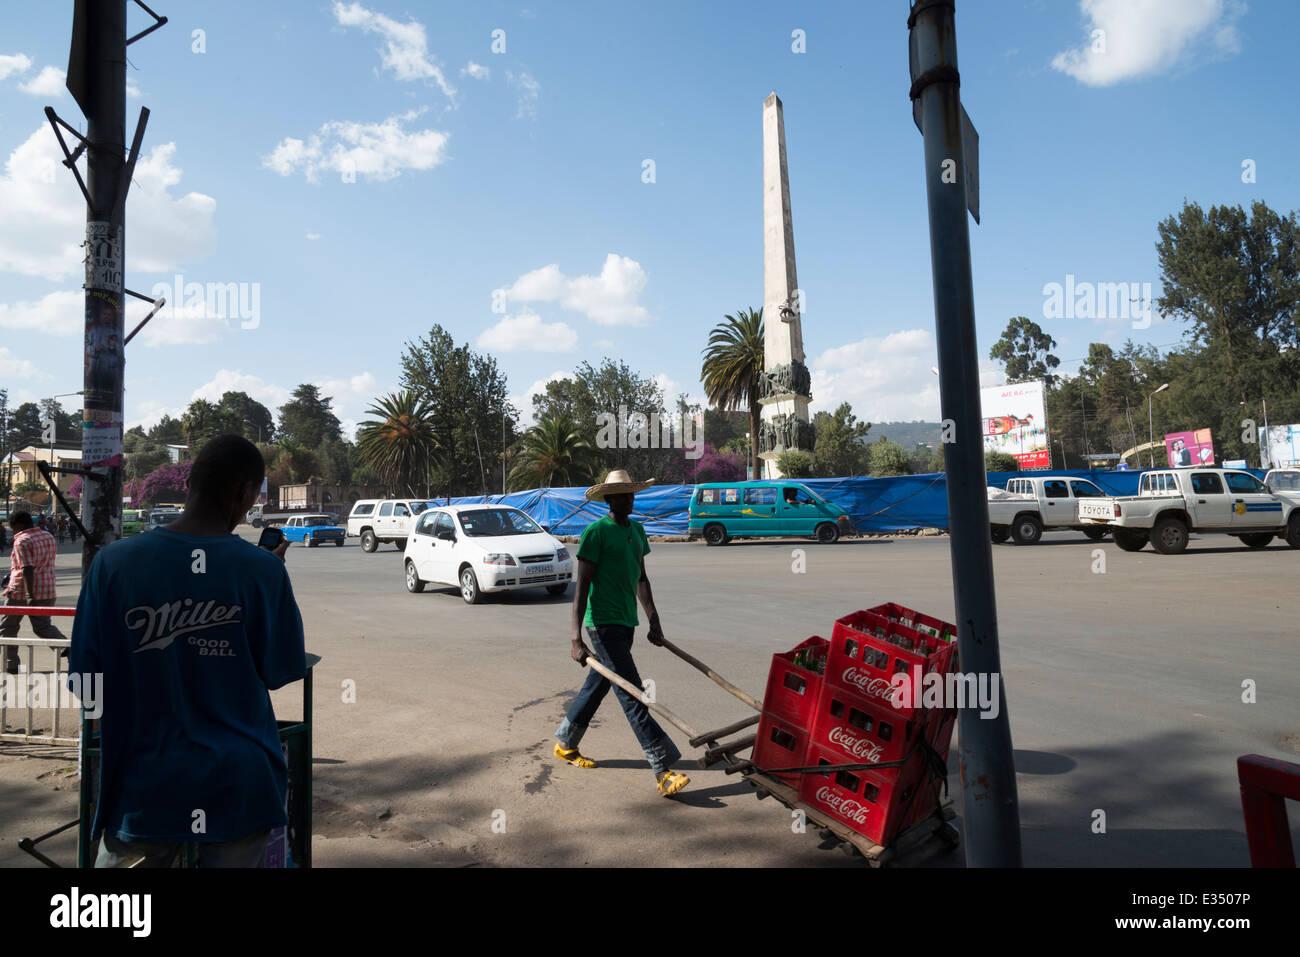 Yekatit 12 monument. Siddist kilo.Addis Abeba. Ethiopia - Stock Image